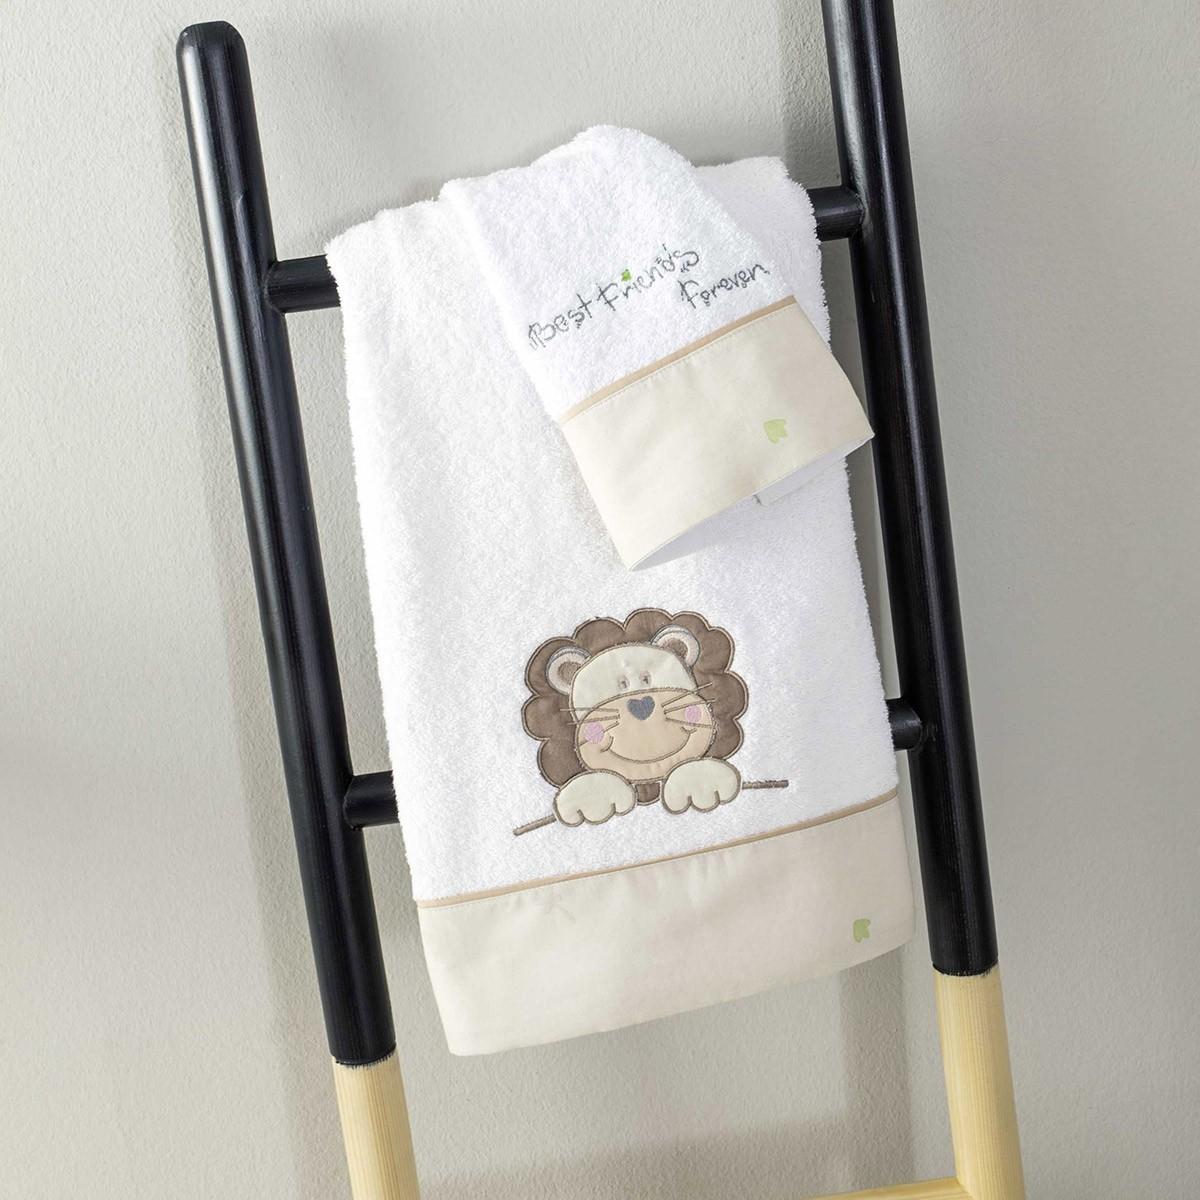 Βρεφικές Πετσέτες (Σετ 2τμχ) Nima Baby Boble